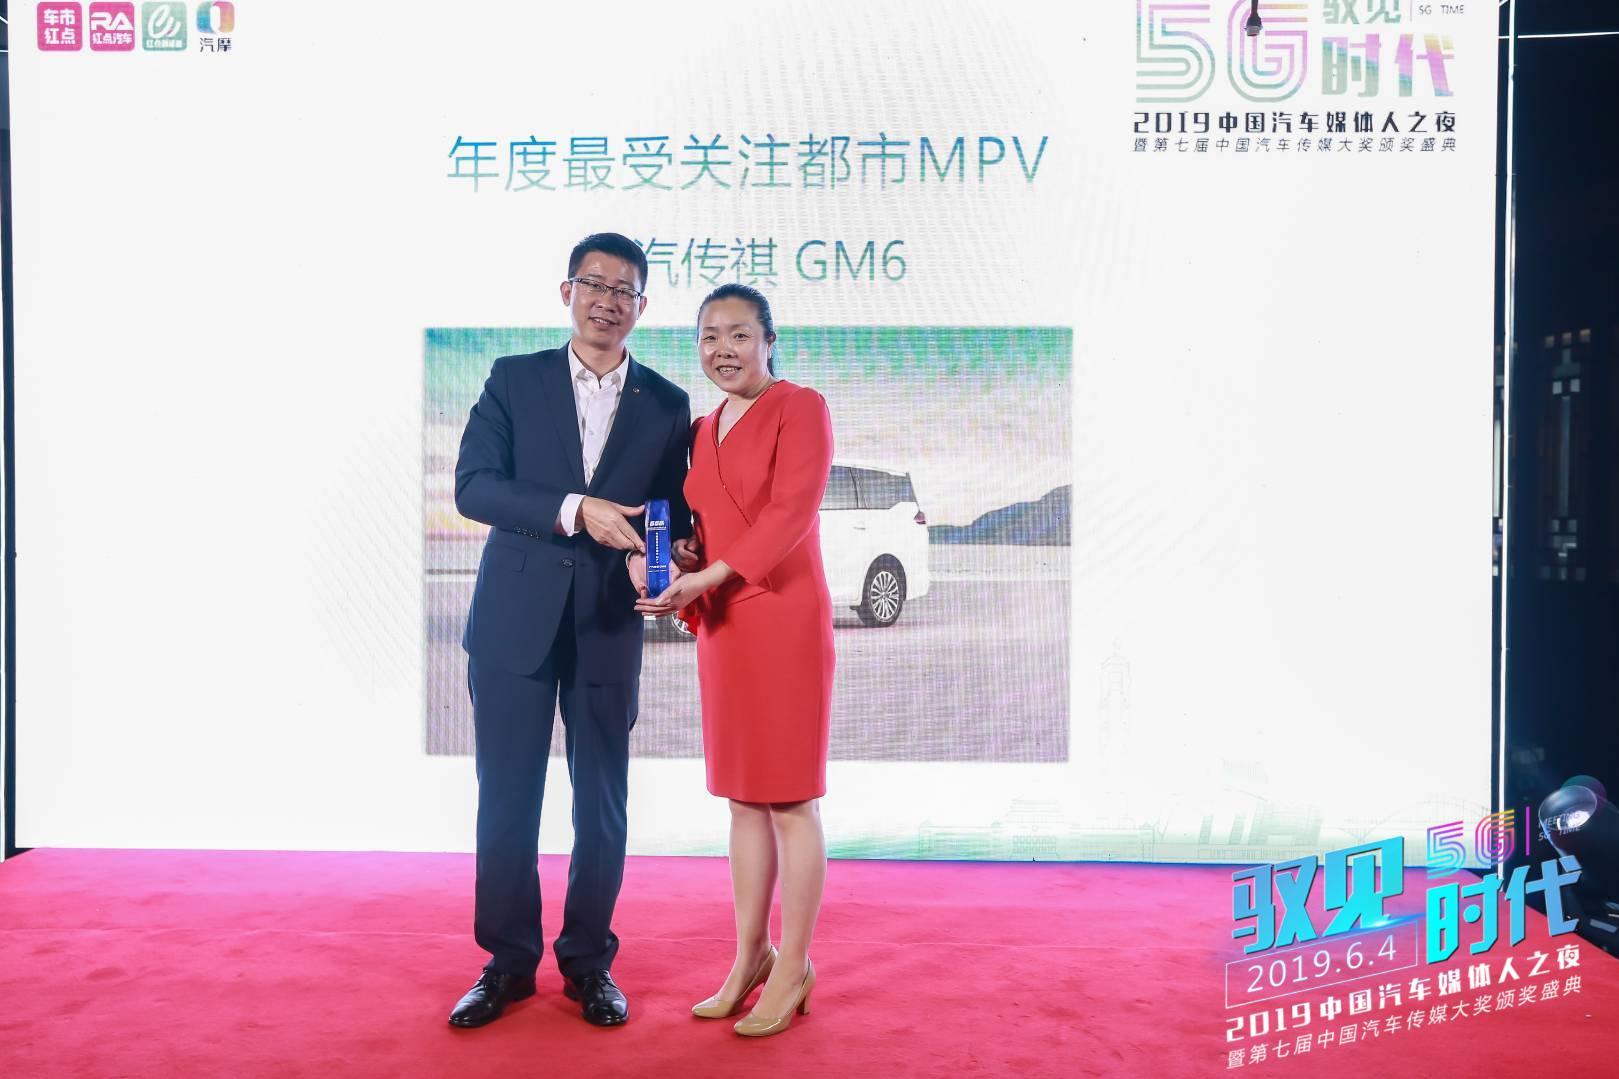 驭见5G时代 第七届中国汽车媒体人之夜举办